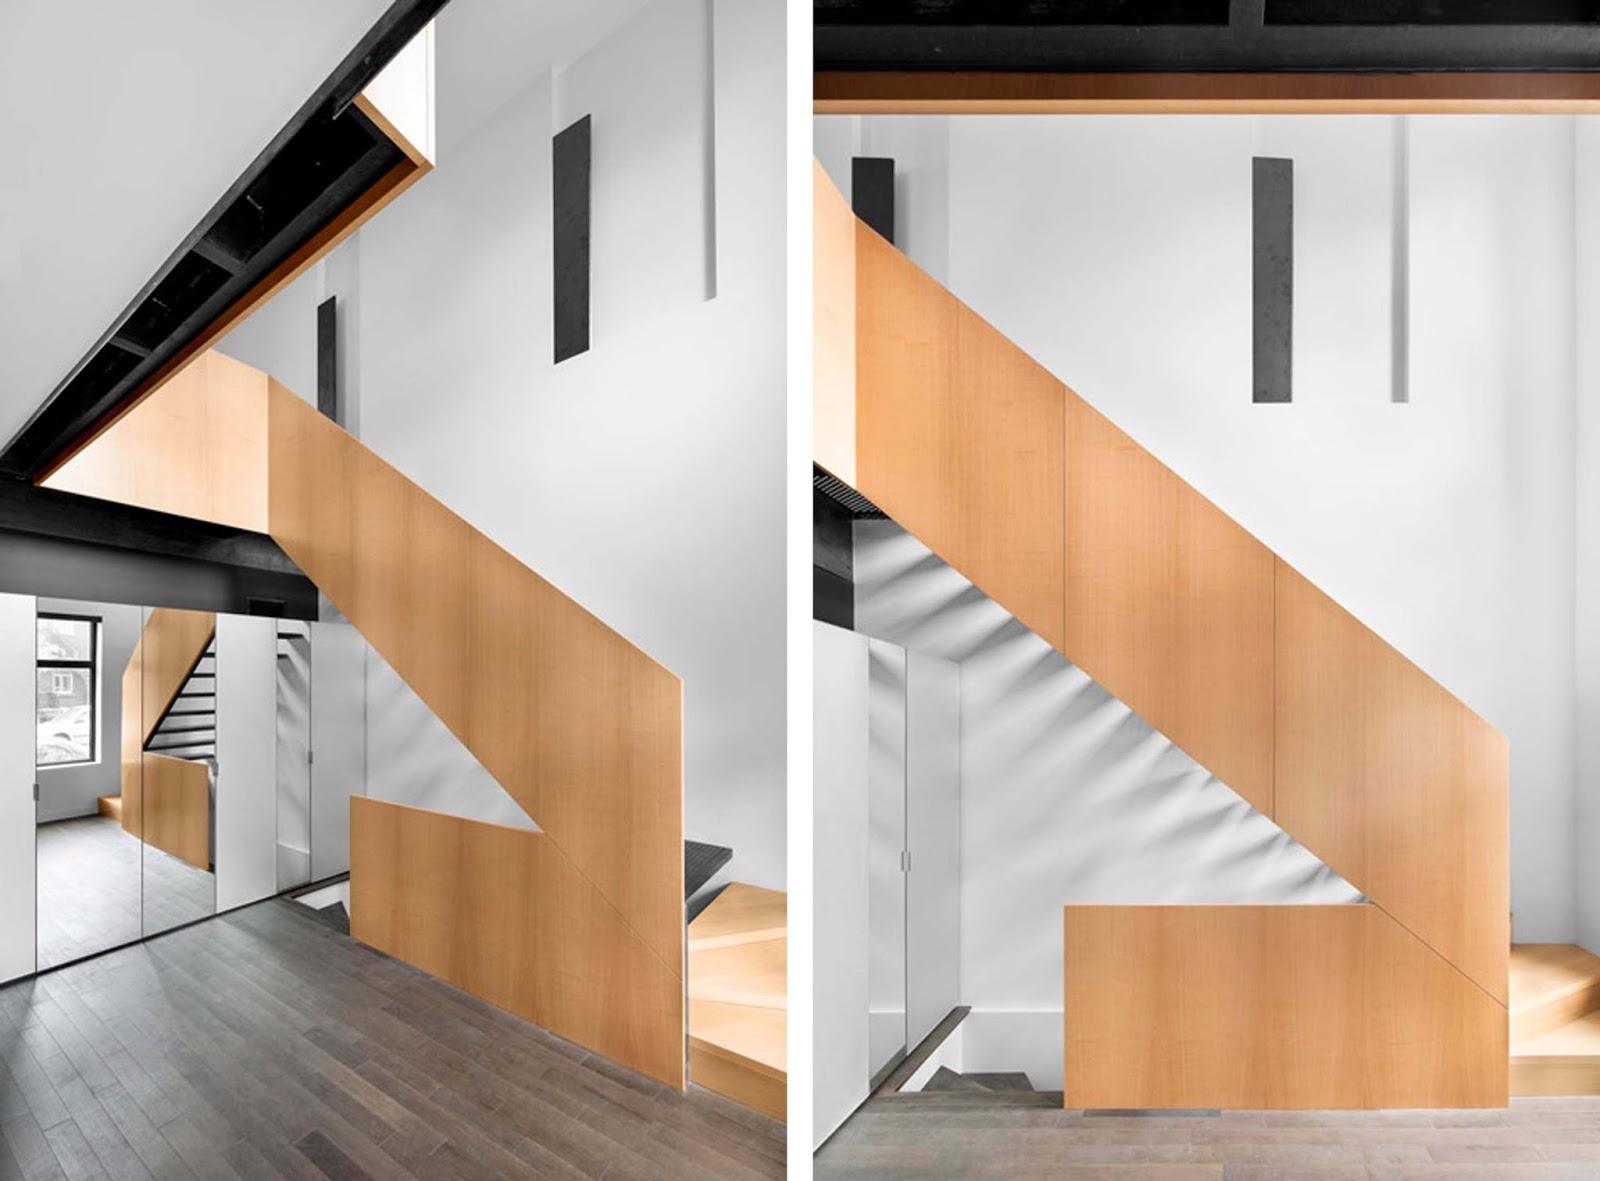 Scala Di Legno Decorativa scala piatta in legno nella drolet residence by